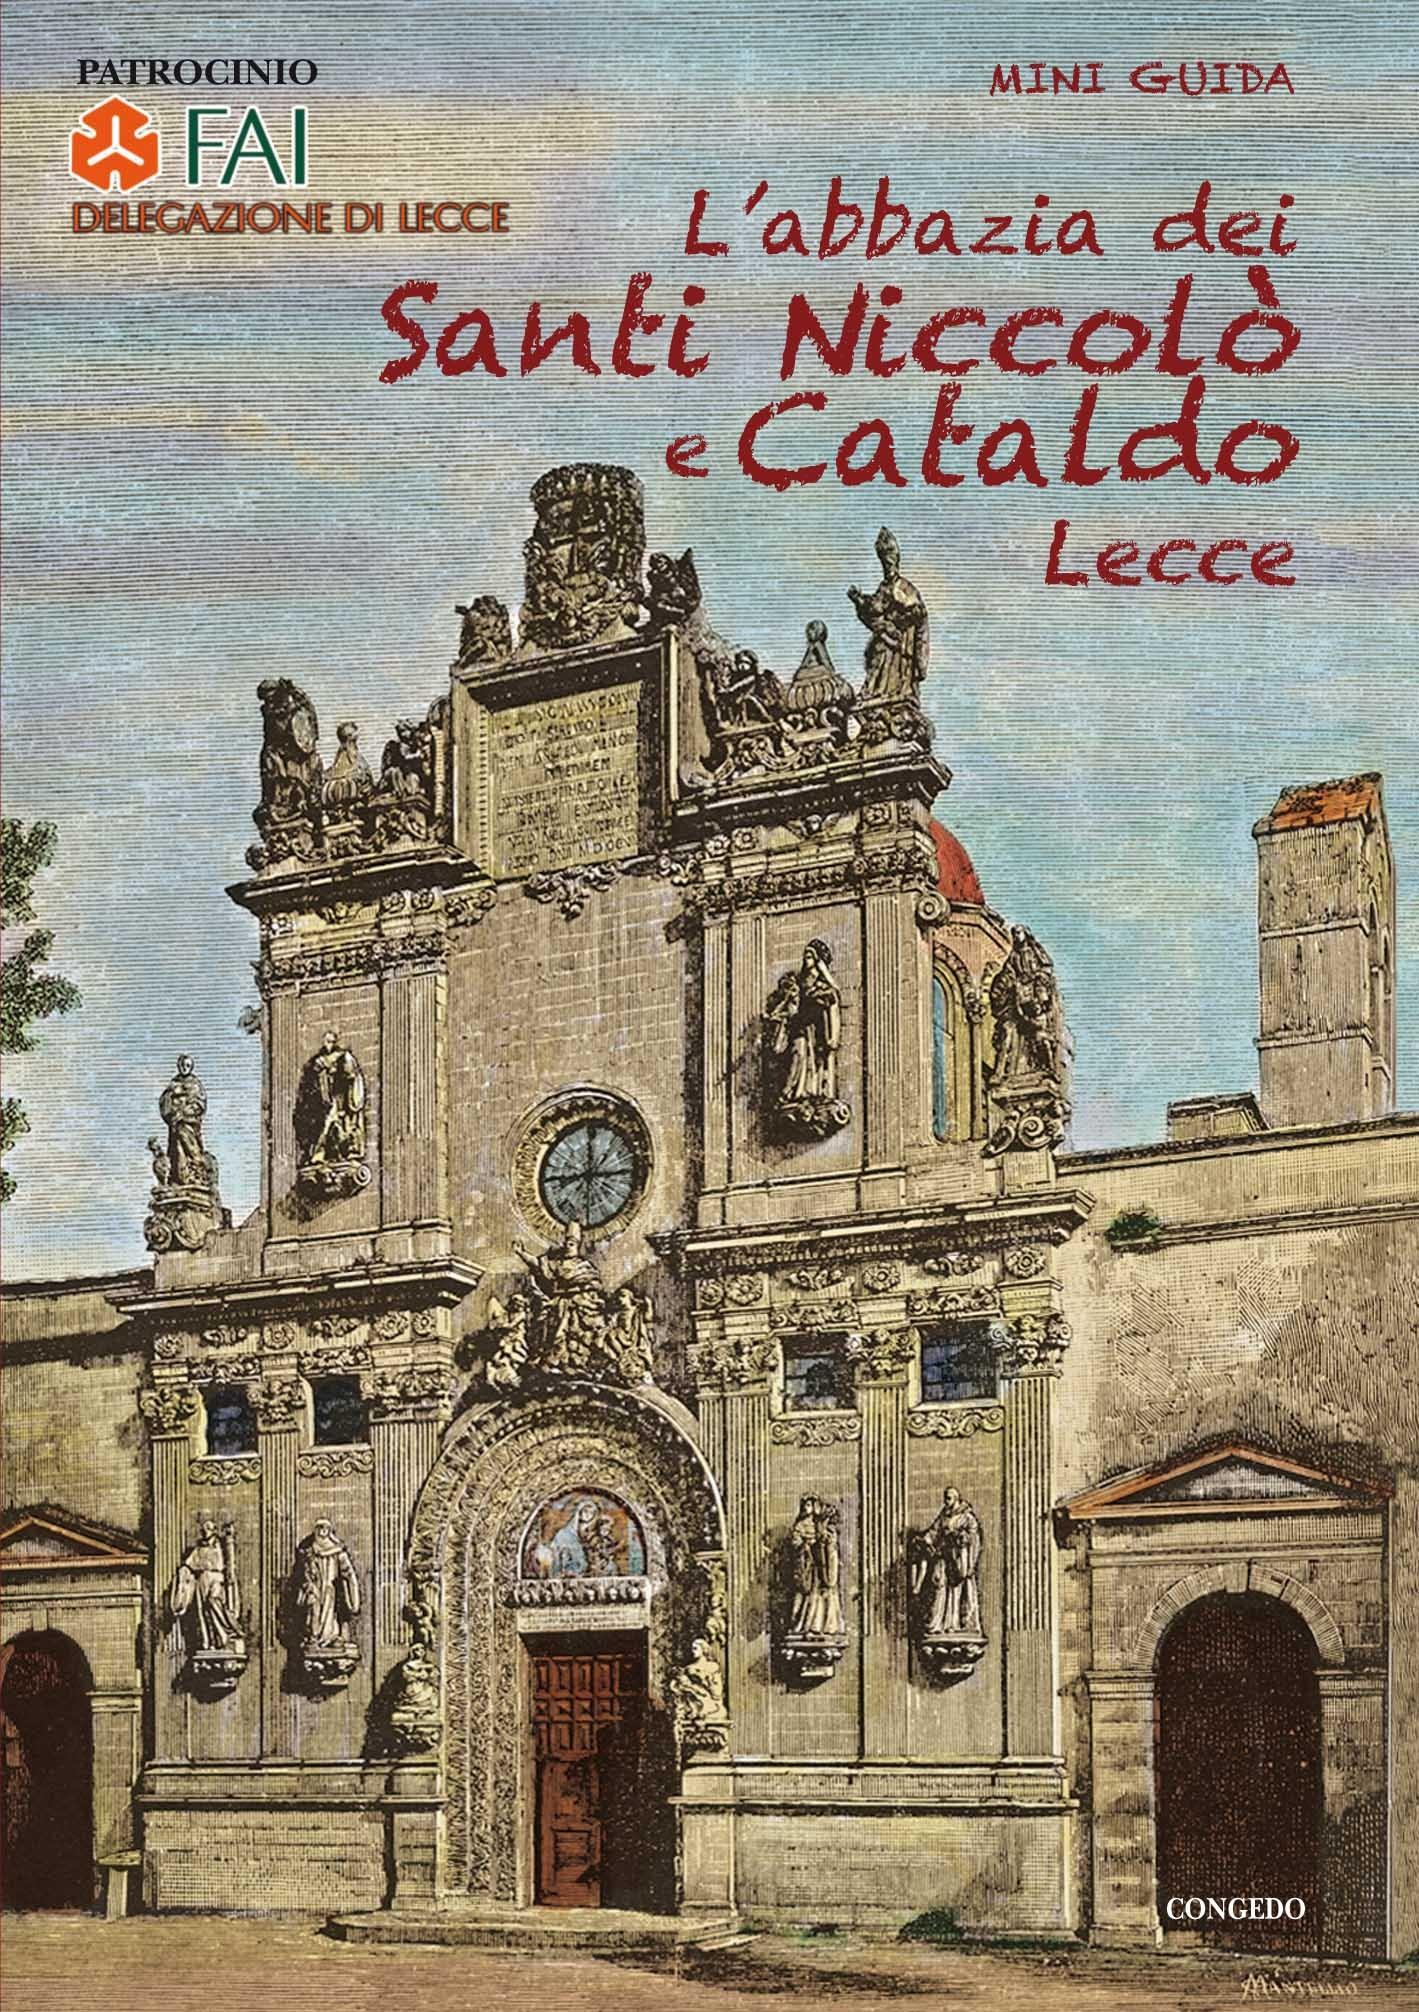 L'abbazia dei    Santi Niccolò   e Cataldo  Lecce